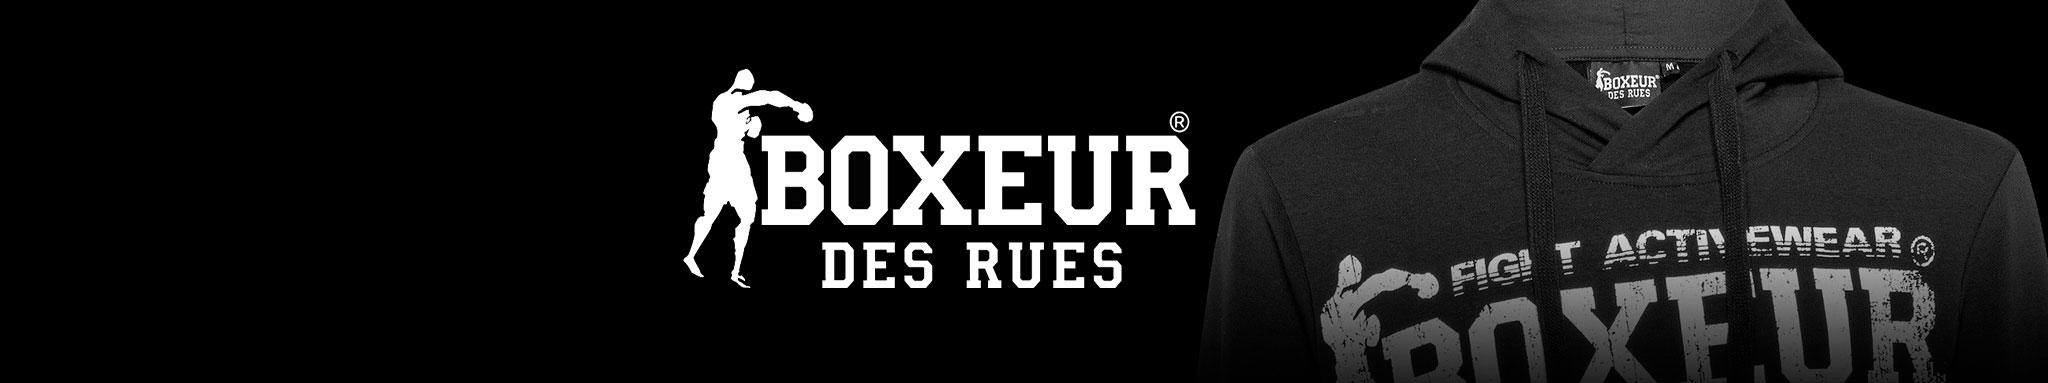 Boxeur des Rues : vêtements, équipements & accessoires de la marque Boxeur des Rues | Dragon Bleu